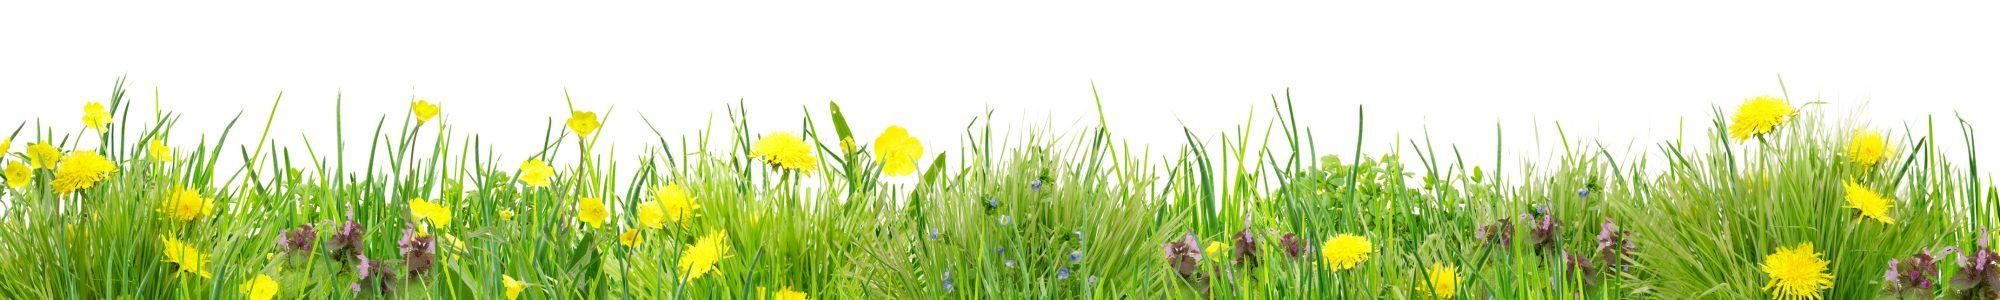 Herrlich schlichte Wildblumenwiese vor Wei